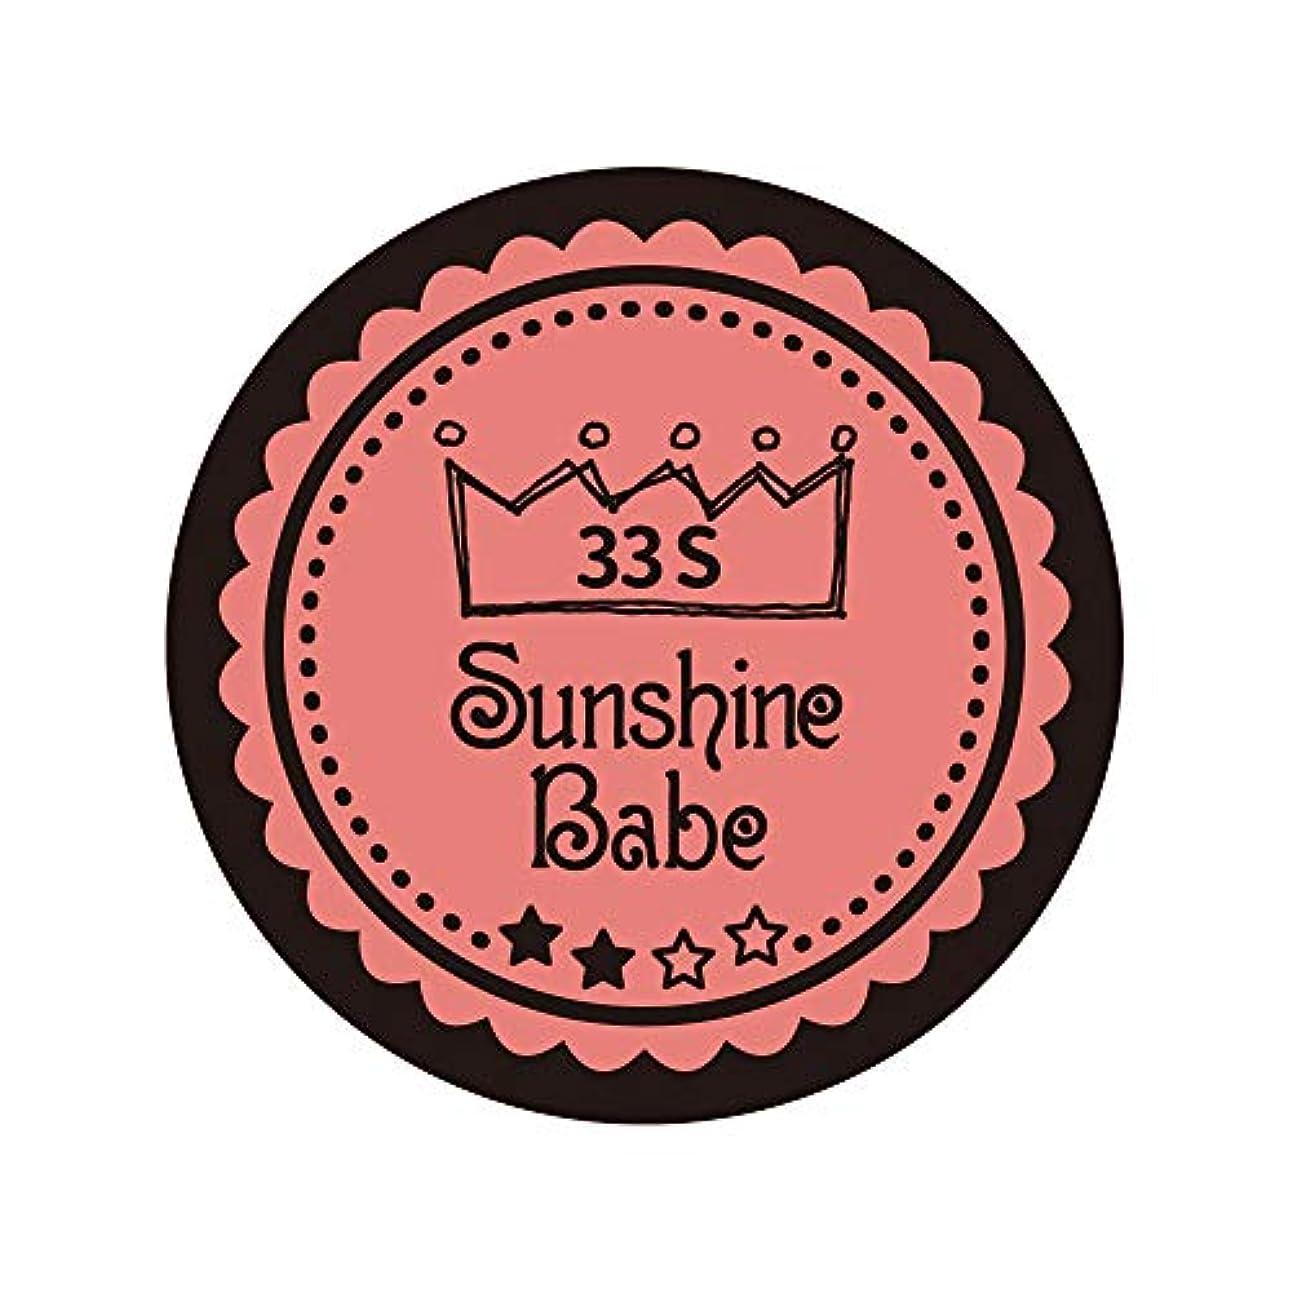 幻想的ポテト噴火Sunshine Babe カラージェル 33S ベイクドコーラルピンク 4g UV/LED対応